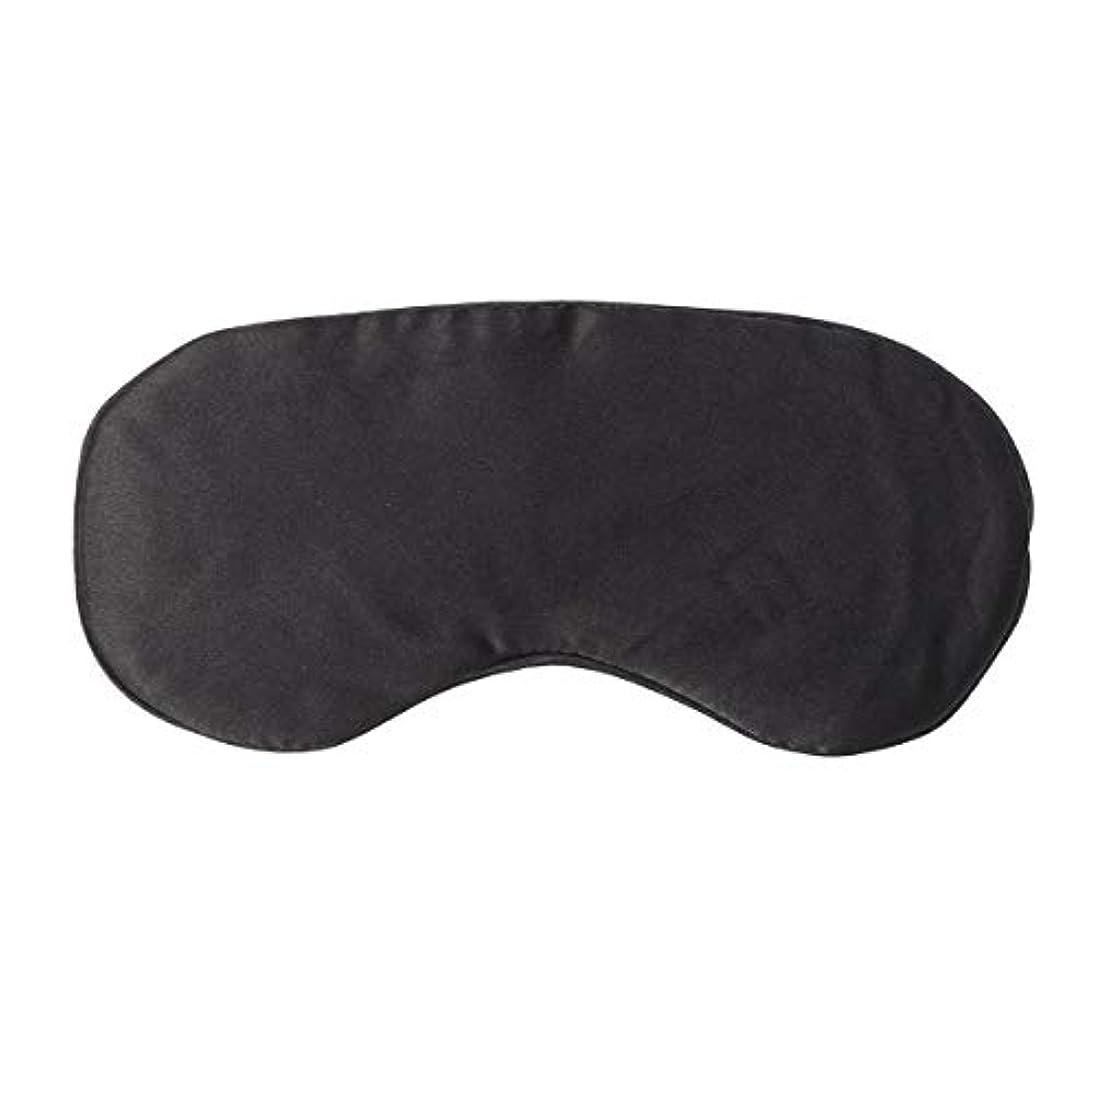 パッチきらめき故障中SUPVOX 模造シルク睡眠アイマスクパッド入りシェードカバー旅行リラックス援助目隠し旅行援助